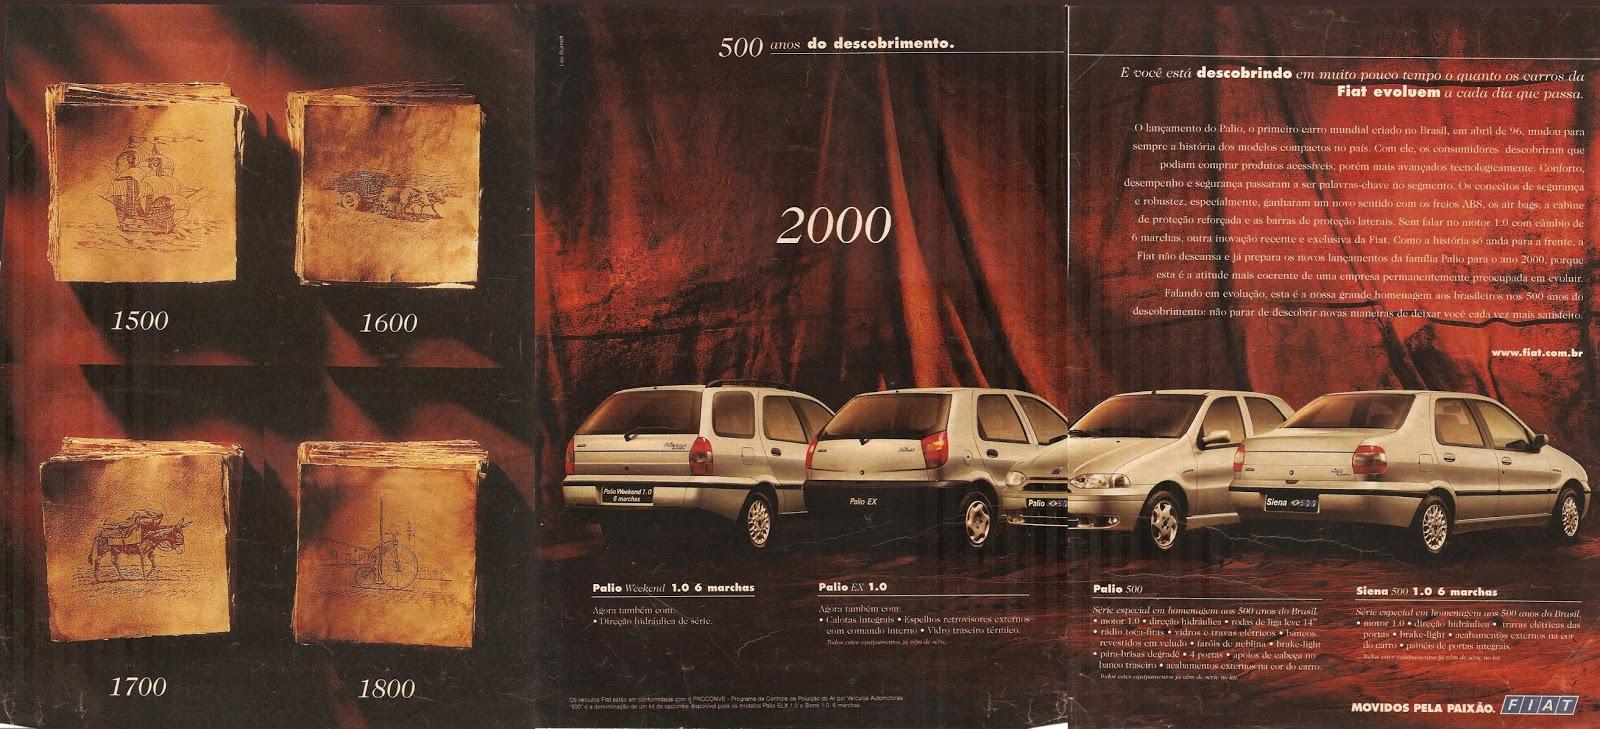 Campanha da Fiat em comemoração aos 500 anos do Descobrimento do Brasil comemorados no ano 2000